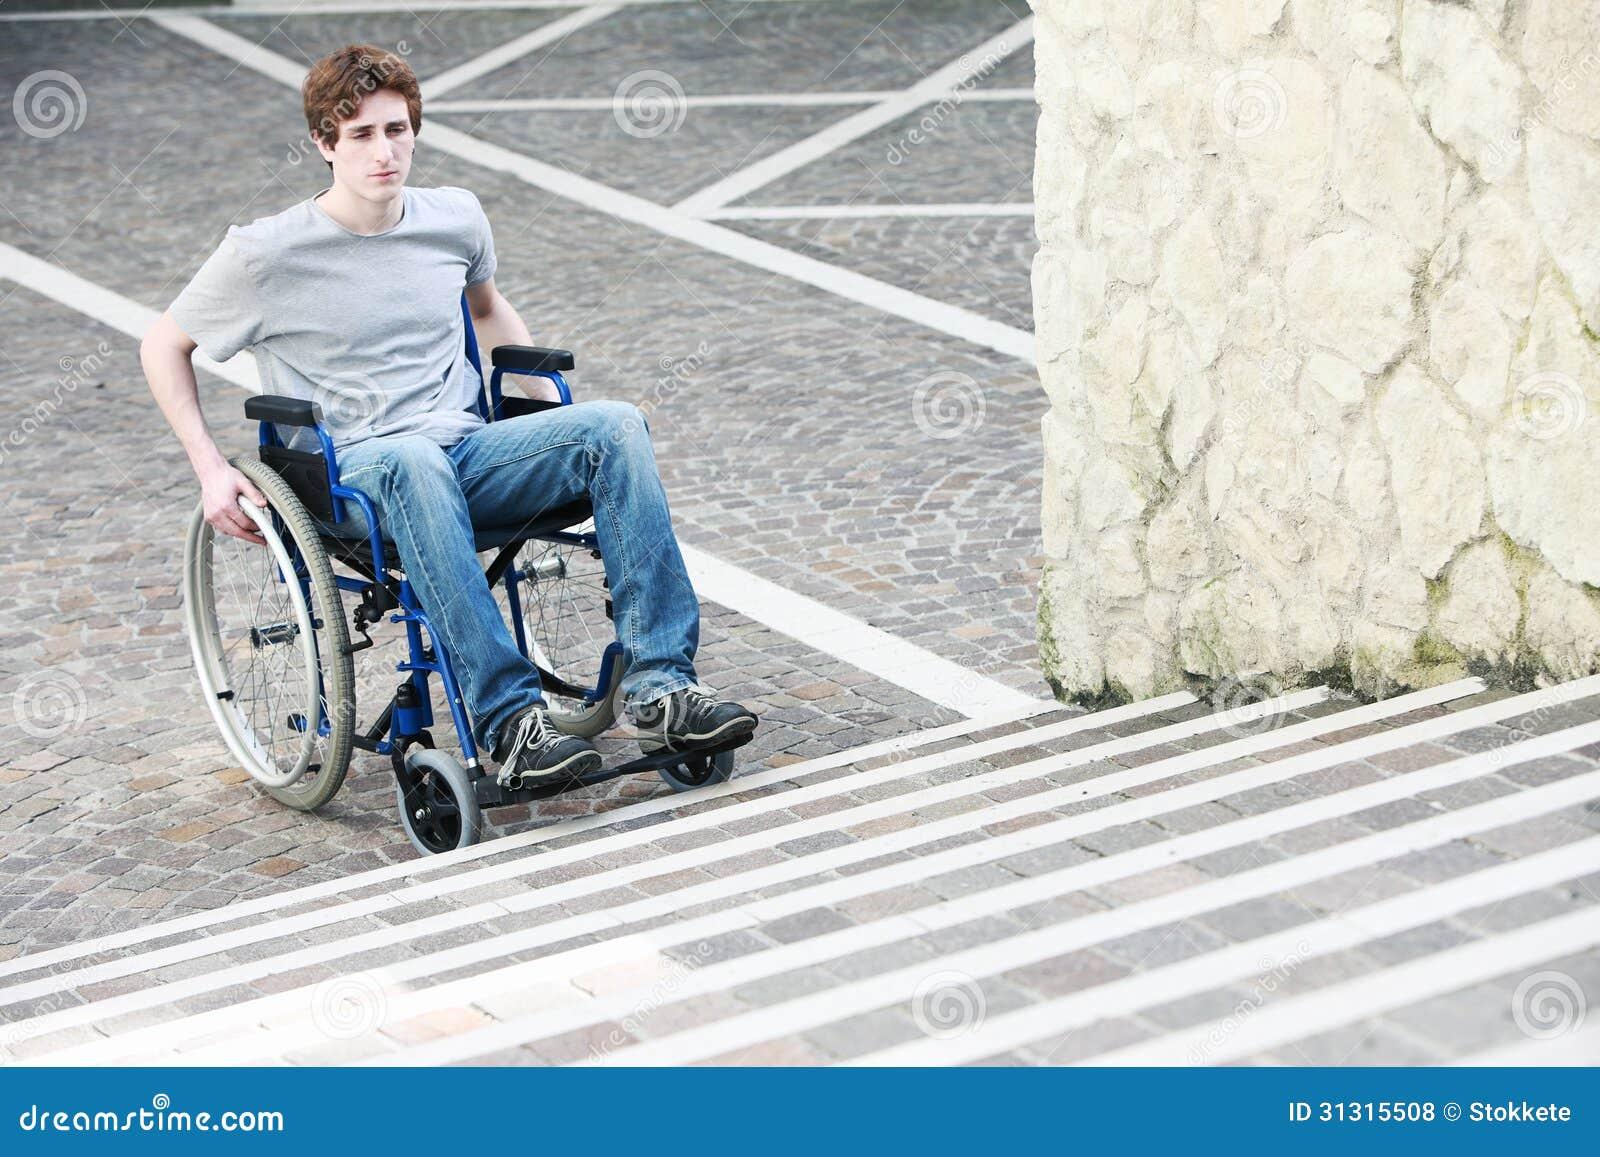 Scale inaccessibili della sedia a rotelle fotografia stock for Fisico sedia a rotelle